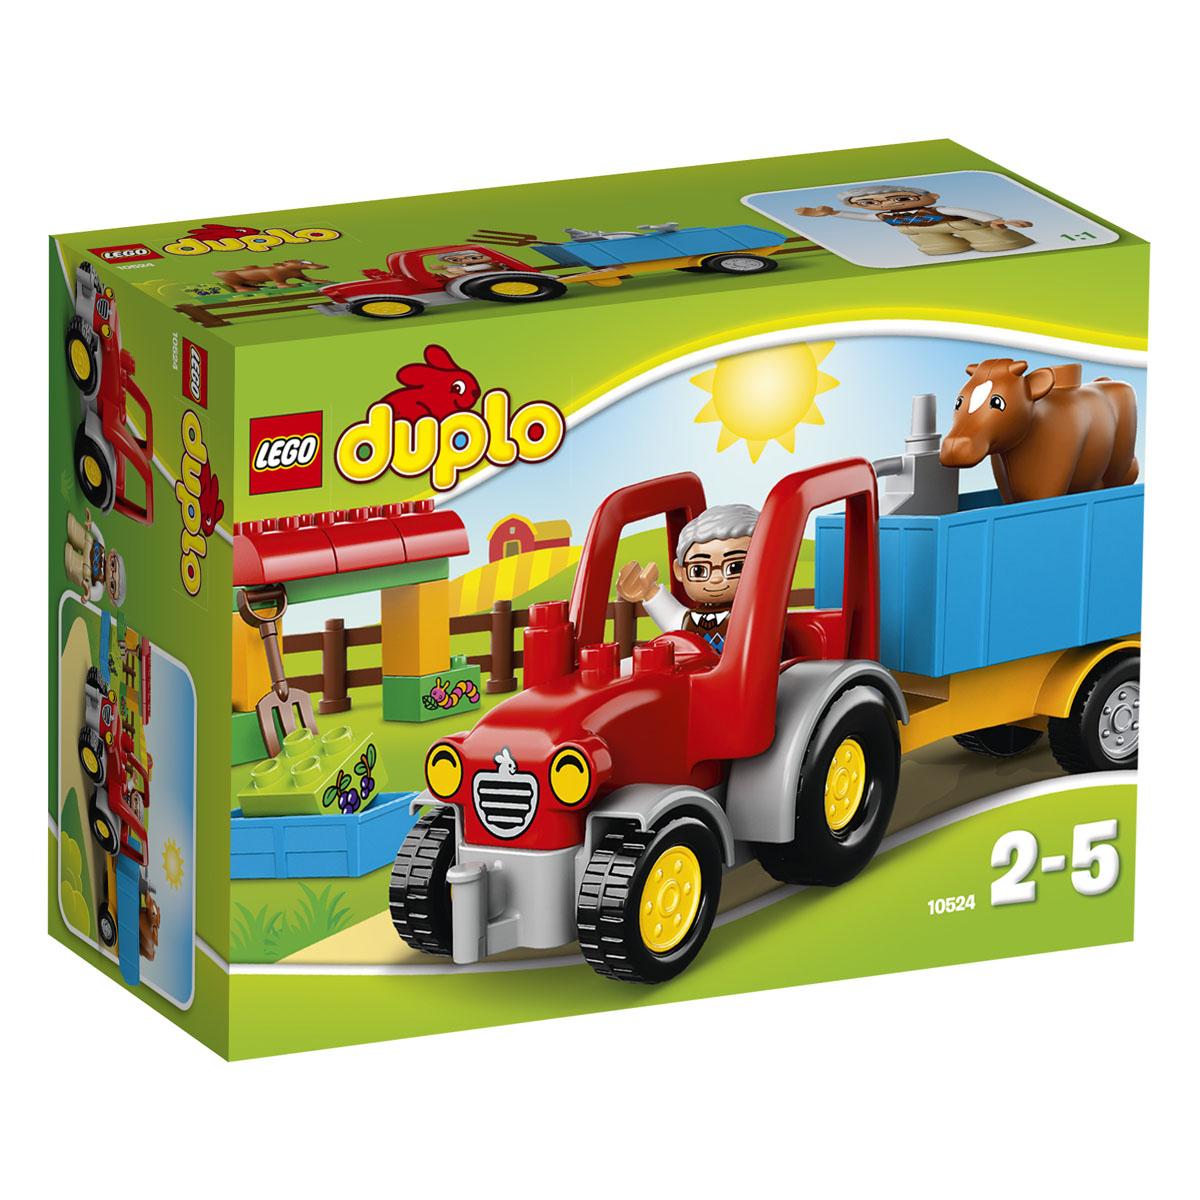 LEGO DUPLO Конструктор Сельскохозяйственный трактор 1052410524Запрыгивайте вместе с ребенком на сельский трактор и отправляйтесь к загону, где живет милая коровка и ждет, чтобы ее покормили. Поднимите прицеп, разгрузите корм и помогите старому фермеру накормить корову вкусным кормом до того, как она отправится вздремнуть. Если трактор сломается, вы сможете сами починить его с помощью масленки и гаечного ключа. В этот веселый набор входит фигурка старого фермера LEGO DUPLO, забор, несколько ярких, цветных кубиков. Конструктор - это один из самых увлекательнейших и веселых способов времяпрепровождения. Ребенок сможет часами играть с конструктором, придумывая различные ситуации и истории. В процессе игры с конструкторами LEGO дети приобретают и постигают такие необходимые навыки как познание, творчество, воображение. Обычные наблюдения за детьми показывают, что единственное, чему они с удовольствием посвящают время - это игры. Игра - это состояние души, это веселый опыт познания реальности. Играя, дети создают собственные миры,...